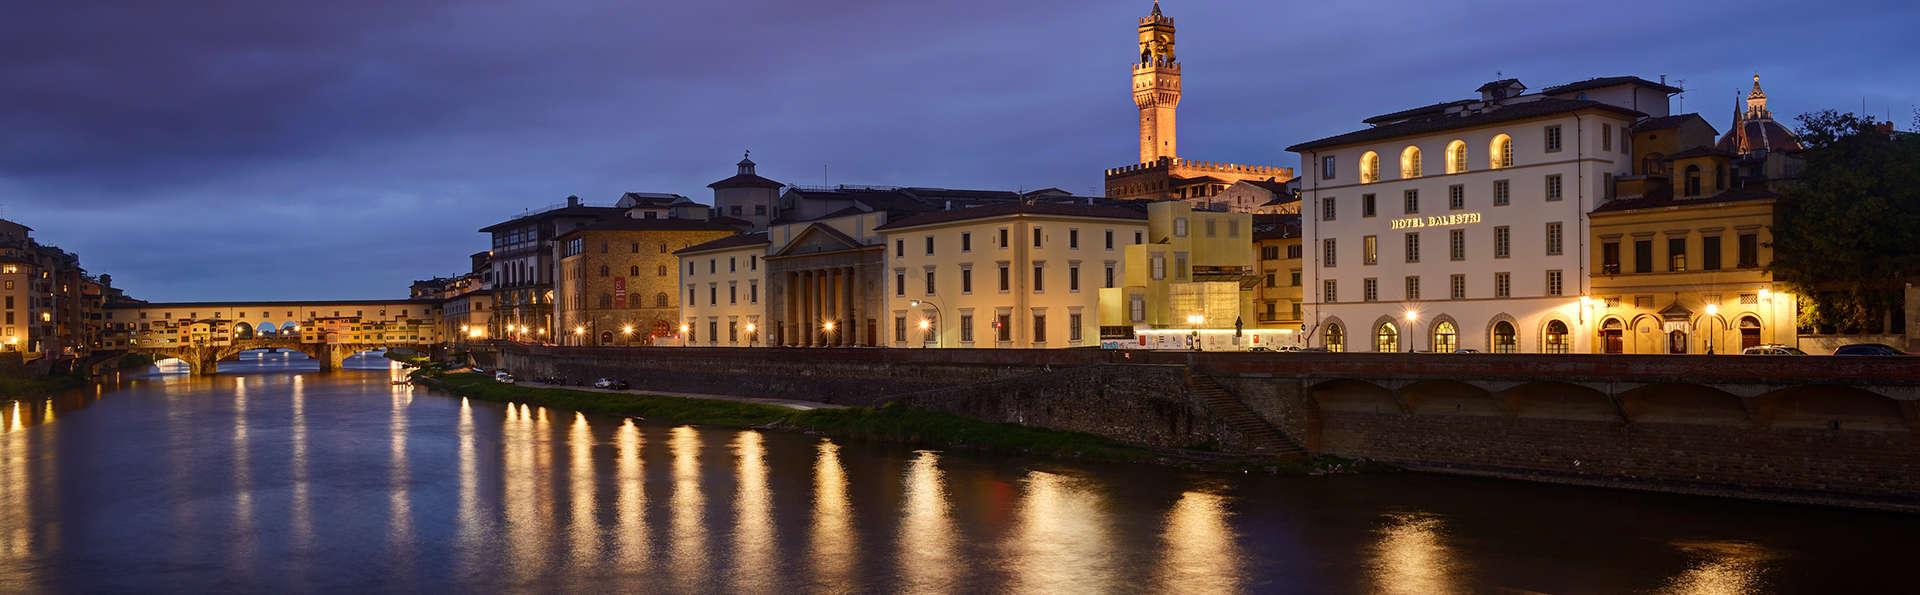 Sur les rives du fleuve Arno au coeur de Florence